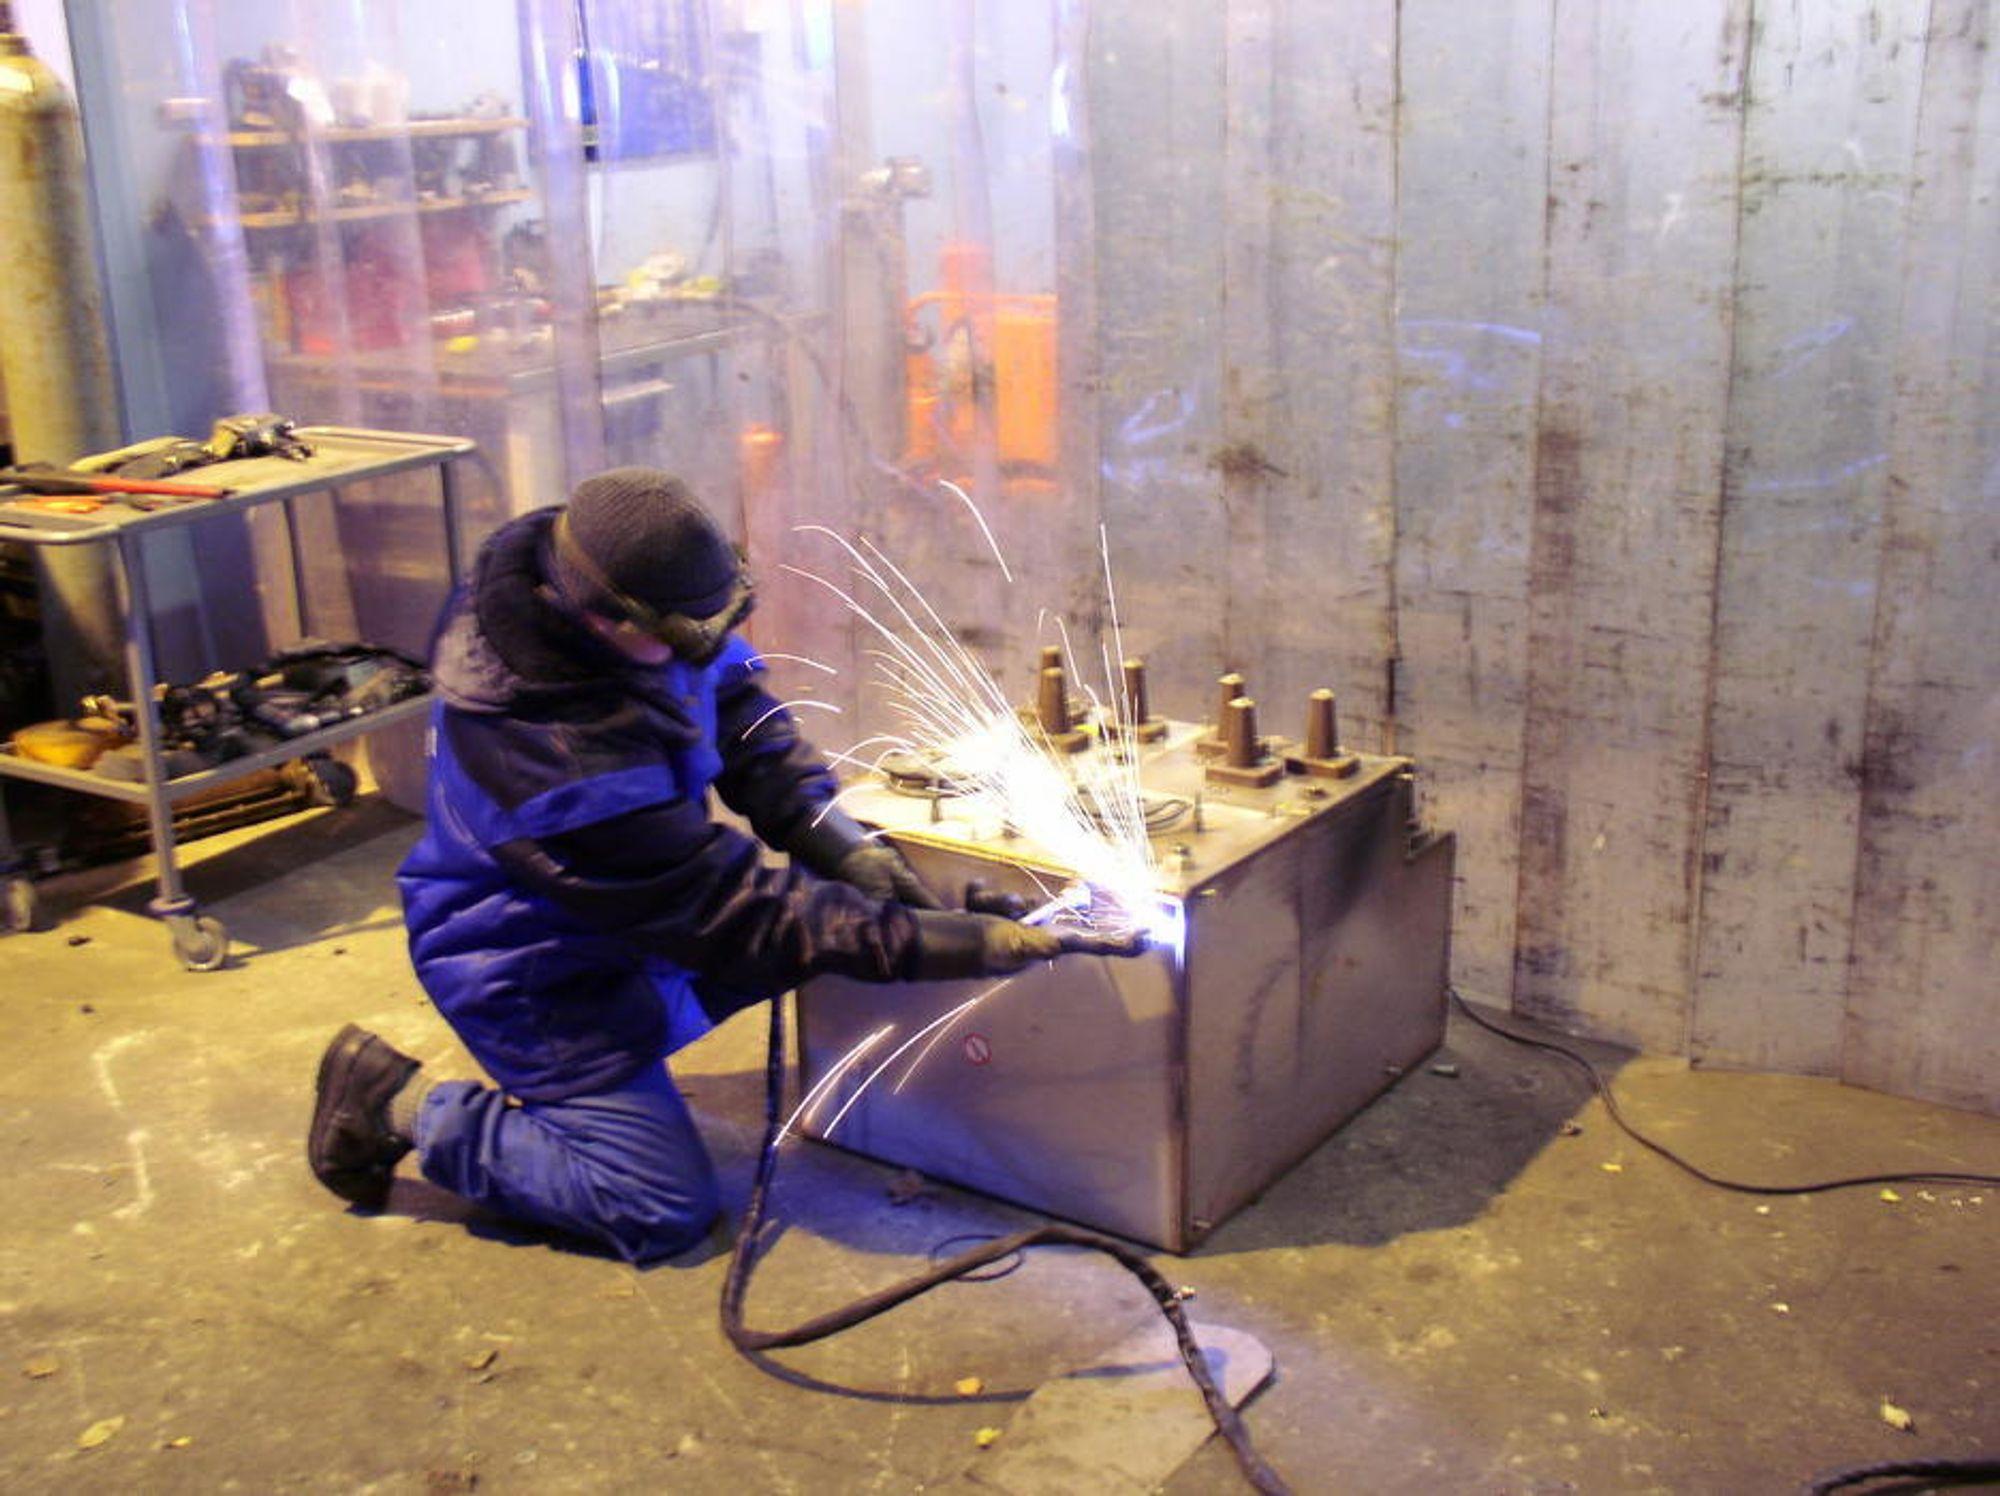 BORER HULL: En ansatt ved Norsk Metallretur i Tønsberg borer hull i en høyspenningsbryter fylt med SF6-gass. Høyspenningsbryterne er «sealed for life» og det er vanskelig å ta seg igjennom. Men punkter i forseglingen er laget svakere, slik at det skal gå an å bore igjennom.